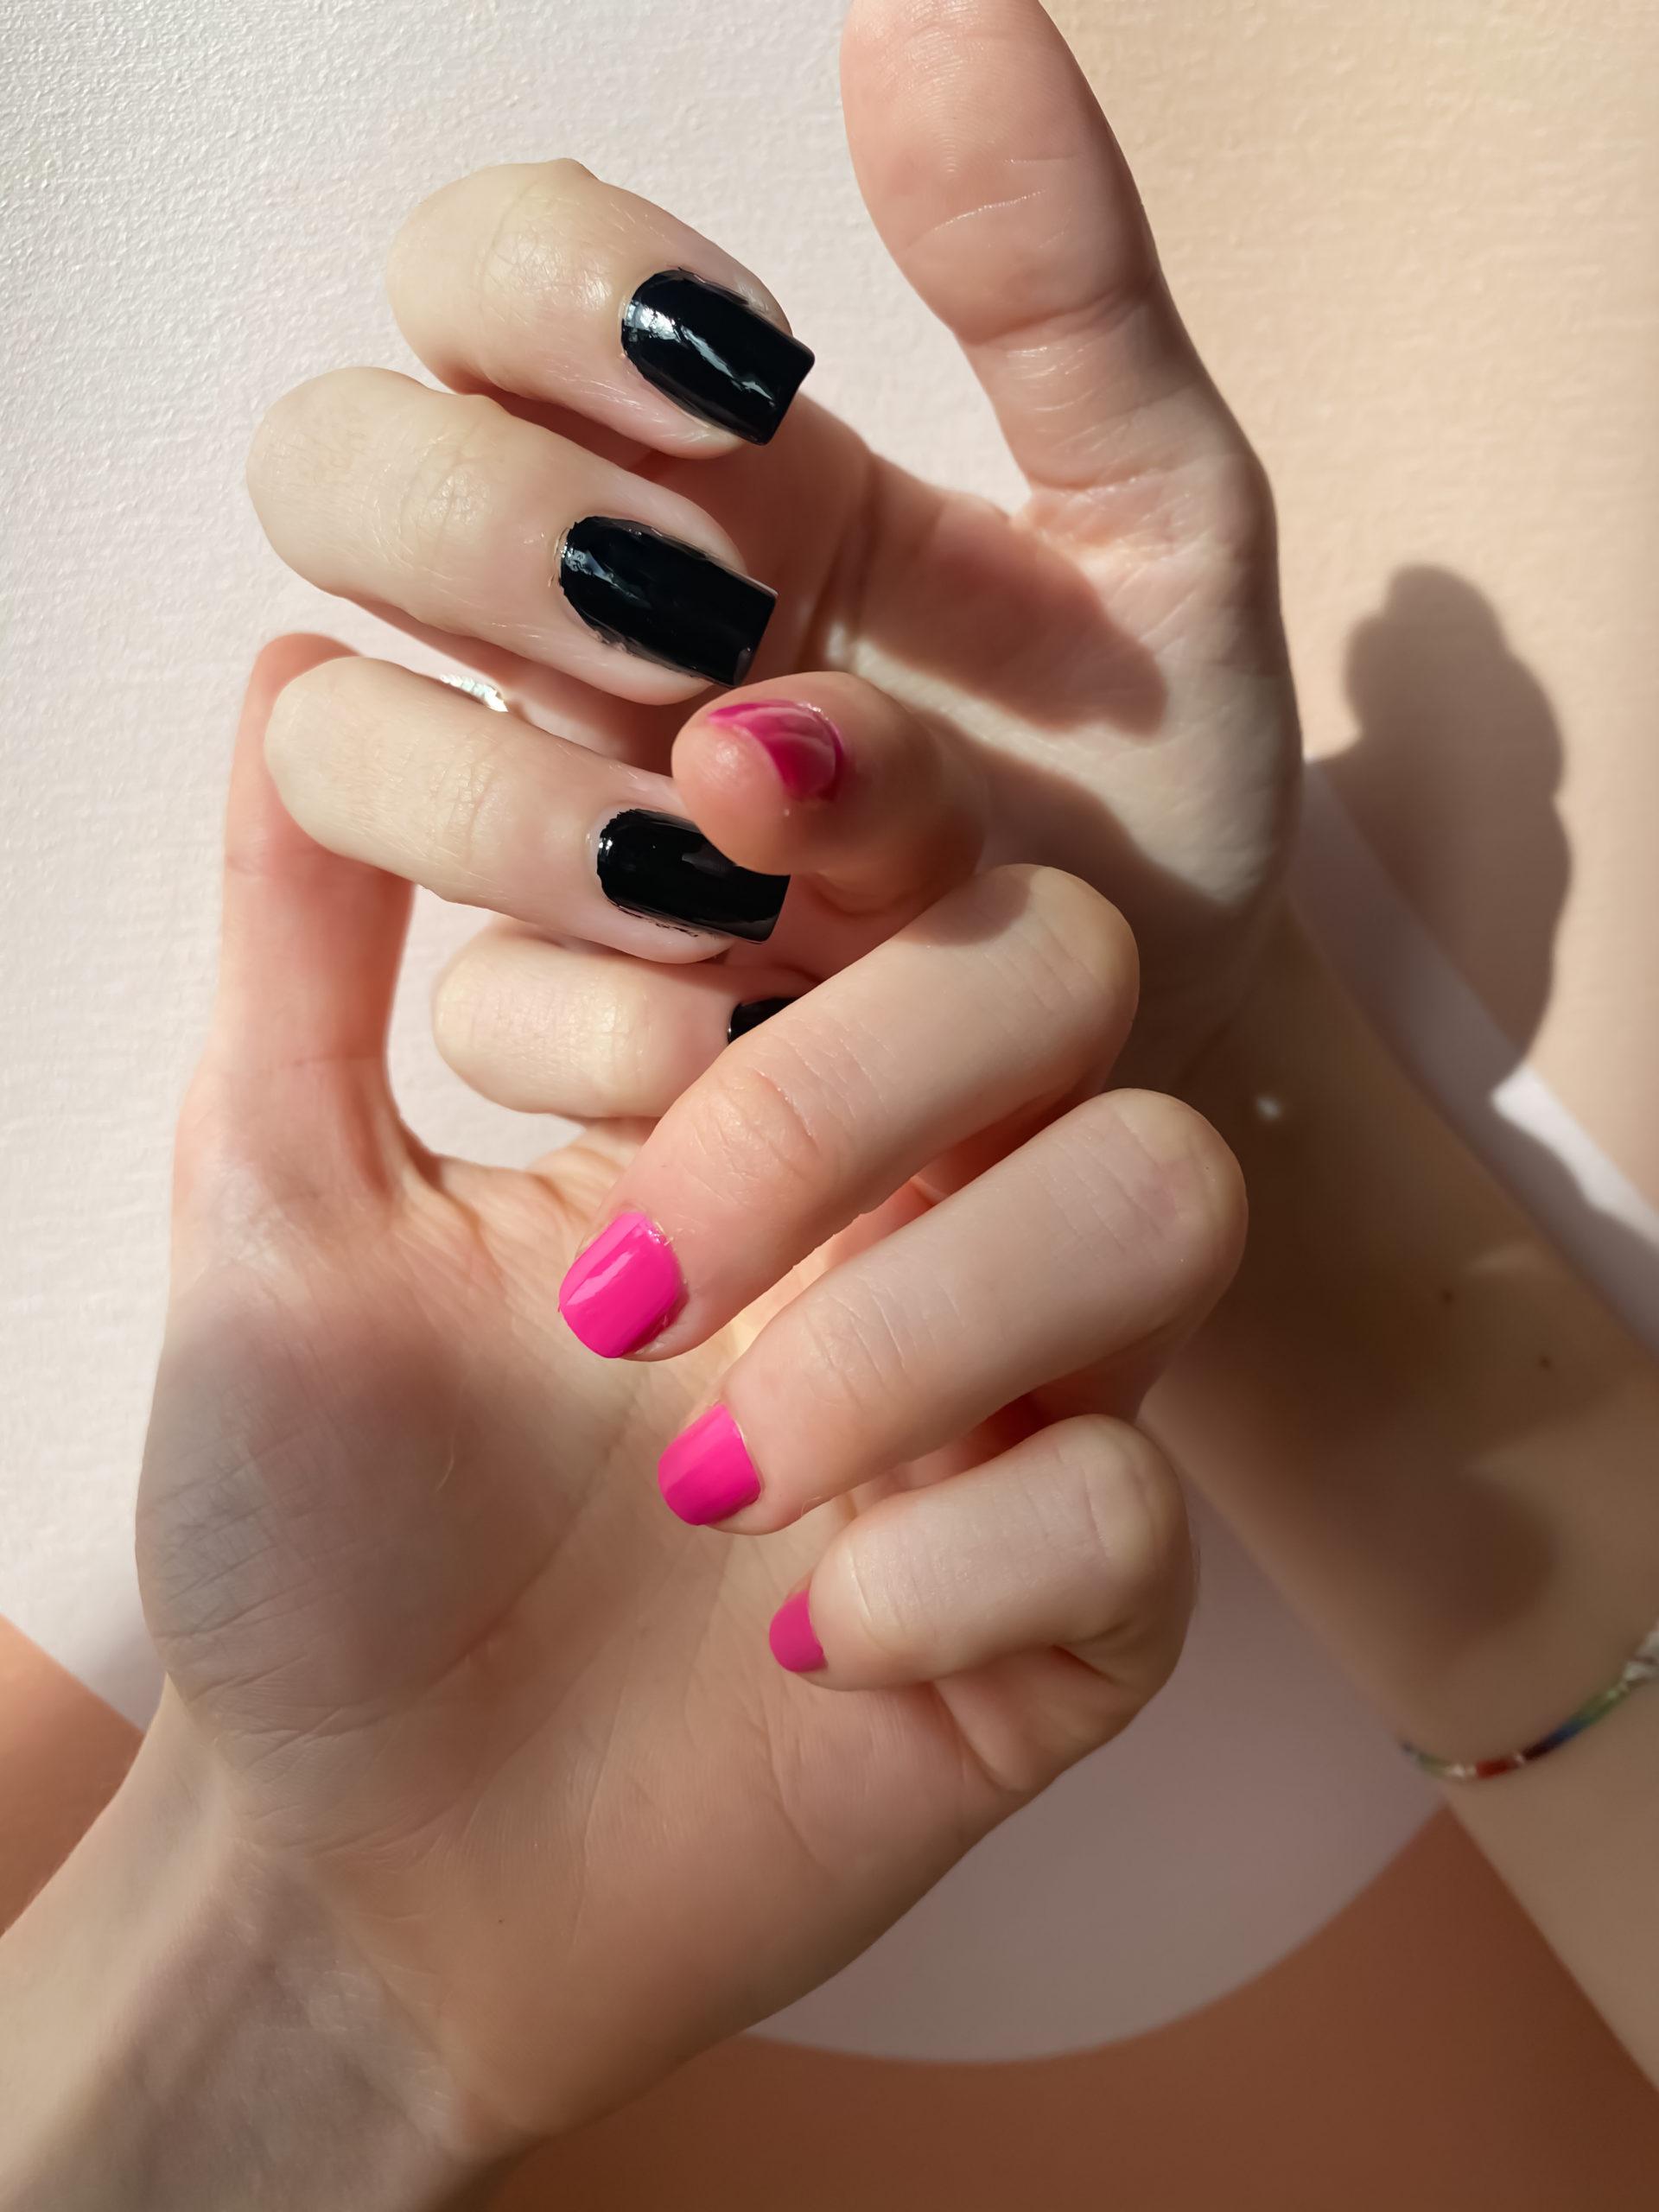 2 couleurs de la marque de vernis à ongles vegan 23Beauty Paris. Le noir, au nom d'Anse Noir et le fuchsia, Abomey